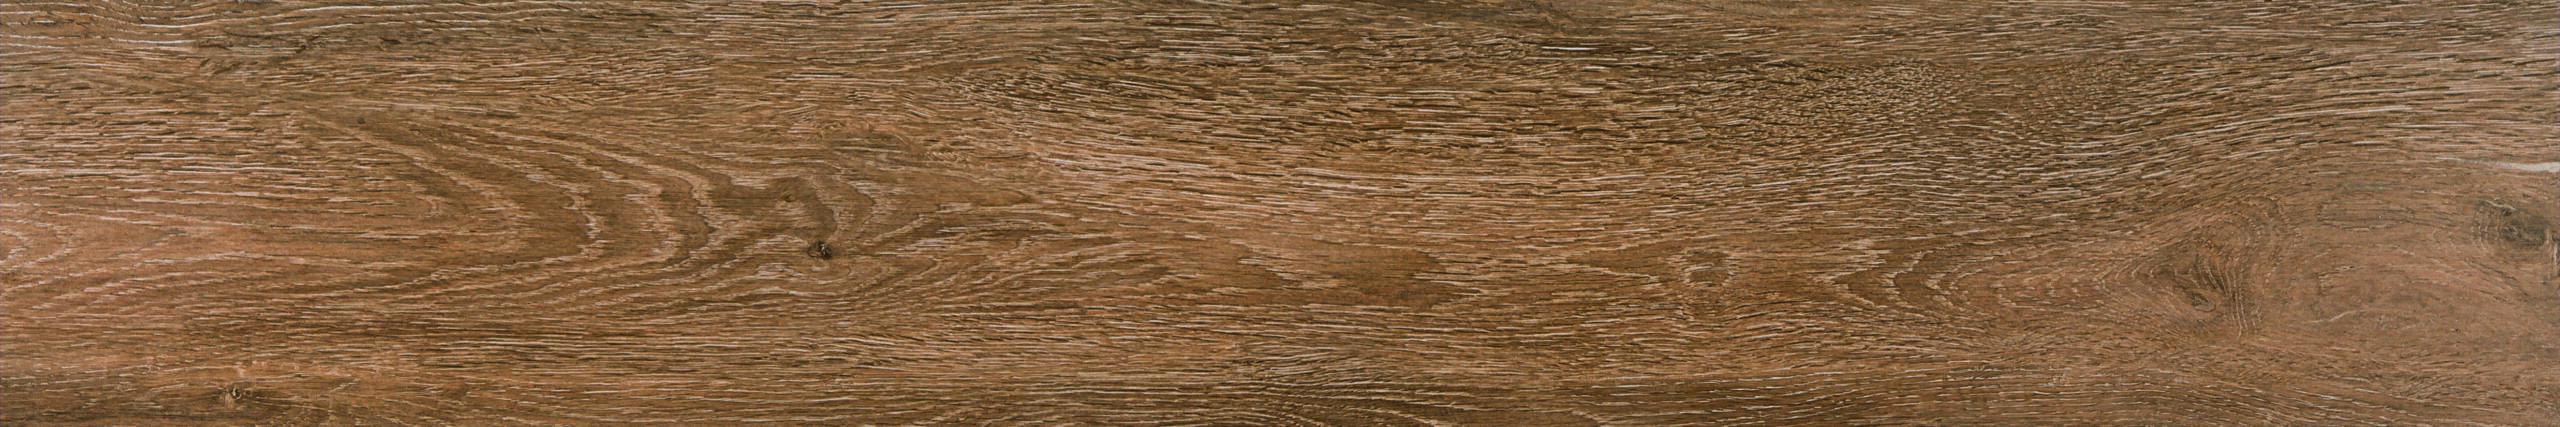 FKEU Alb nogal-Bodenfliese-20x120-Holzoptik-modern-wohnlich-atmosphäre